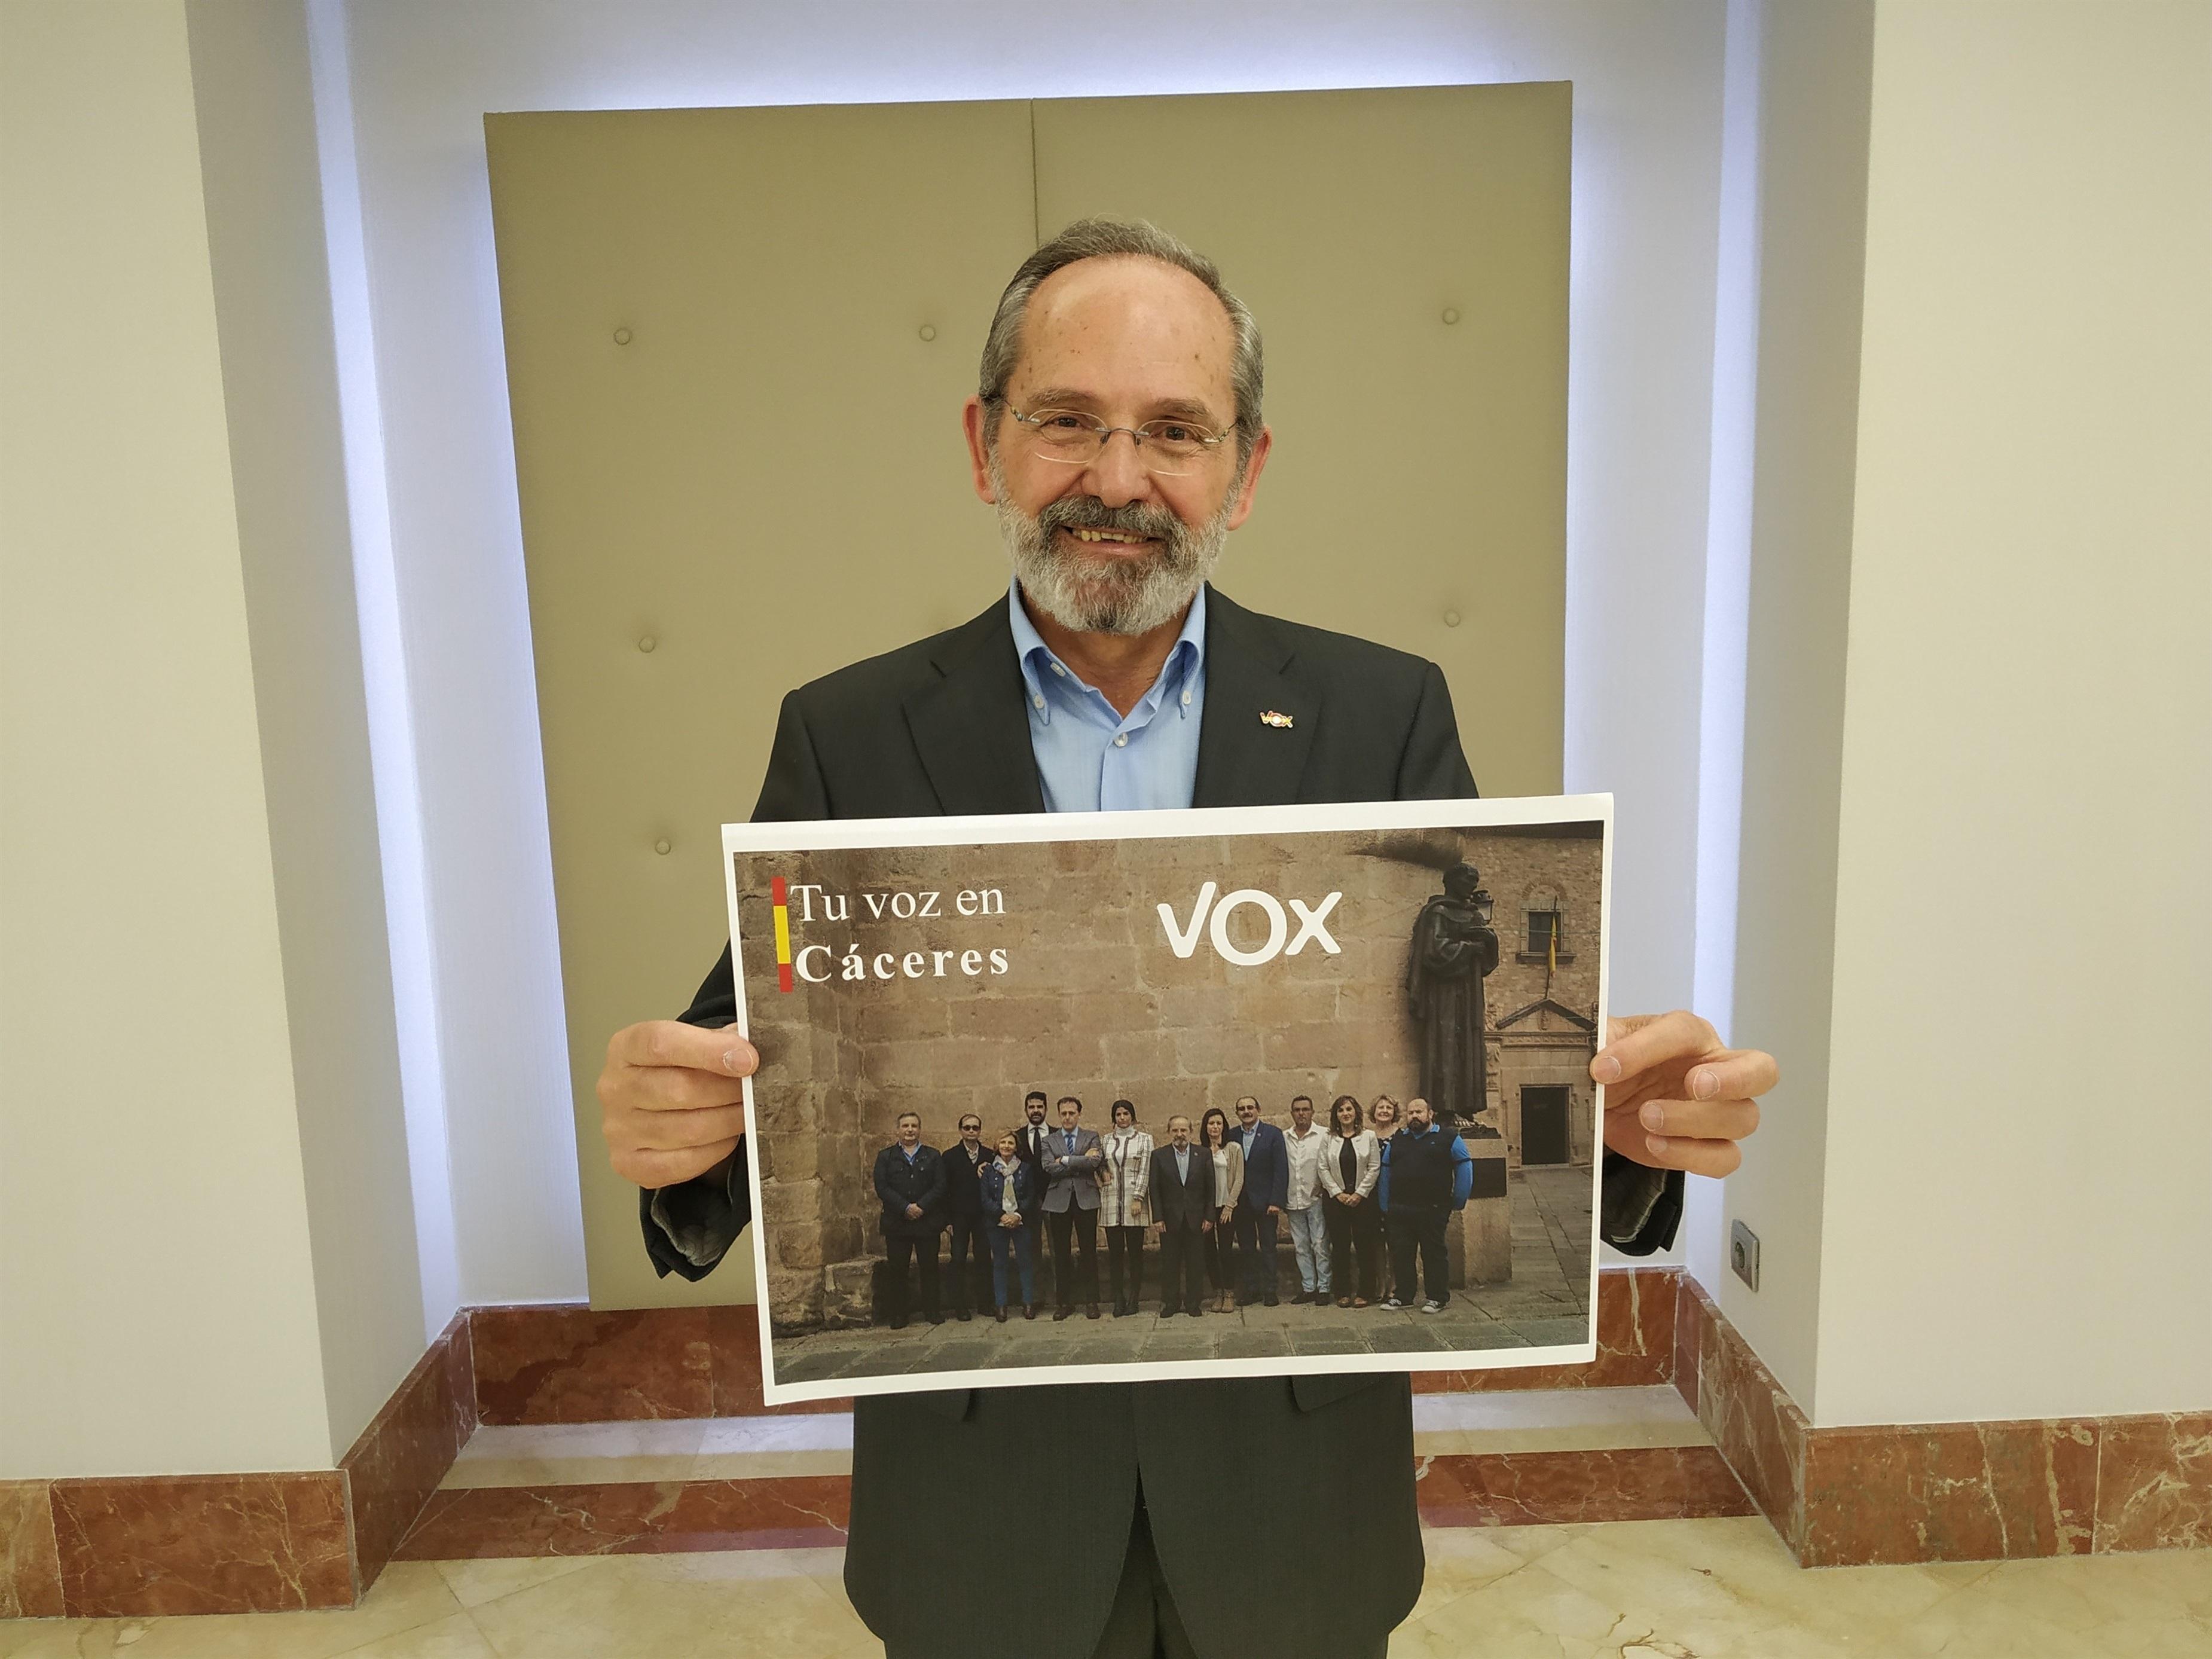 Teófilo Amores candidato de Vox en Cáceres